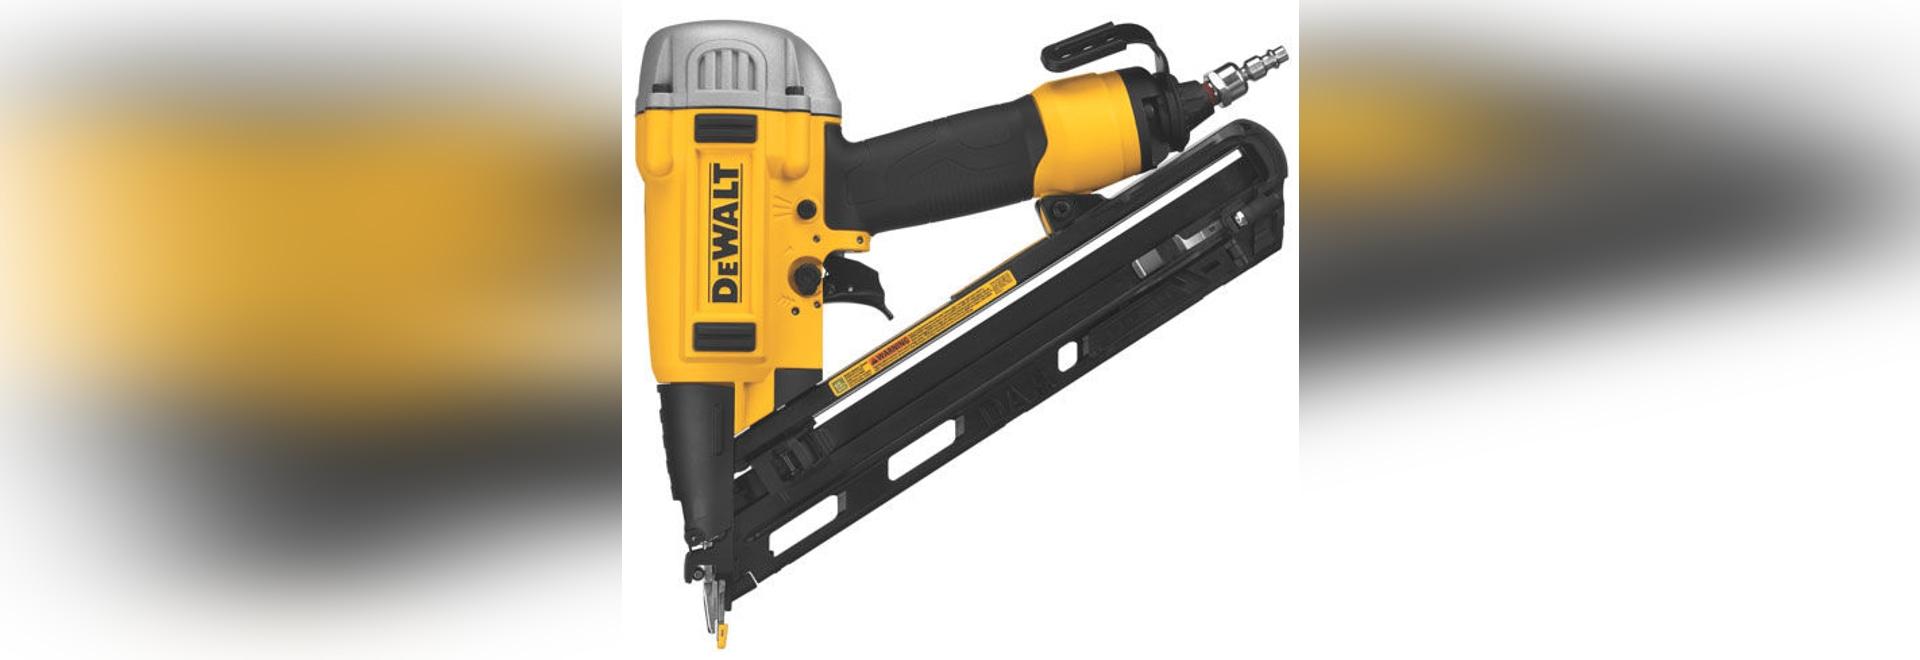 NEU: pneumatische Nagelgewehr durch DEWALT industrielles Werkzeug ...